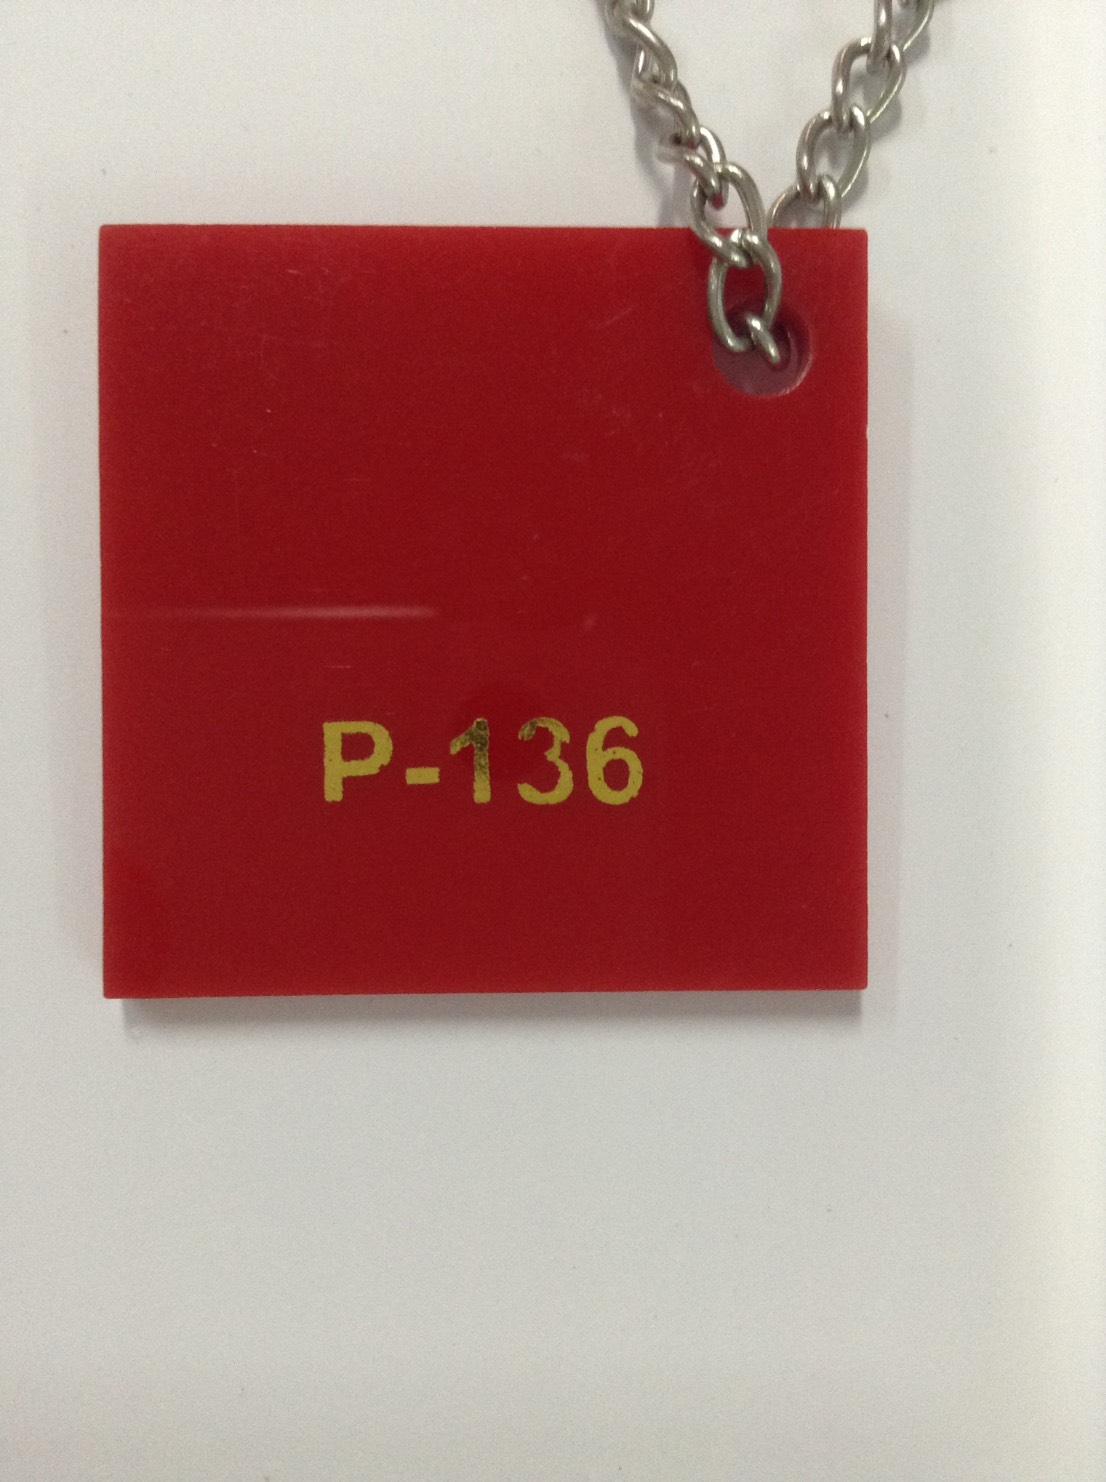 แผ่นอะคริลิคสีแดง หนา 3 mm. ขนาด 30x30 ซม.